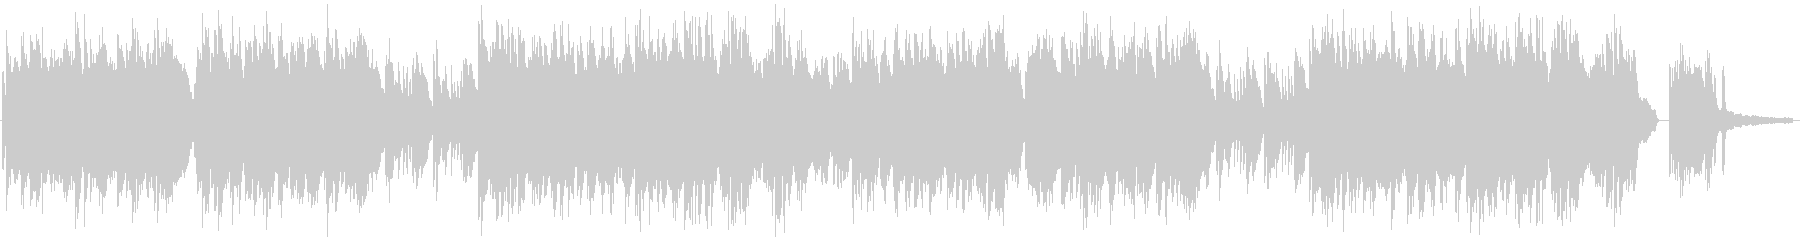 蛍をイメージしたソロピアノの未再生の波形